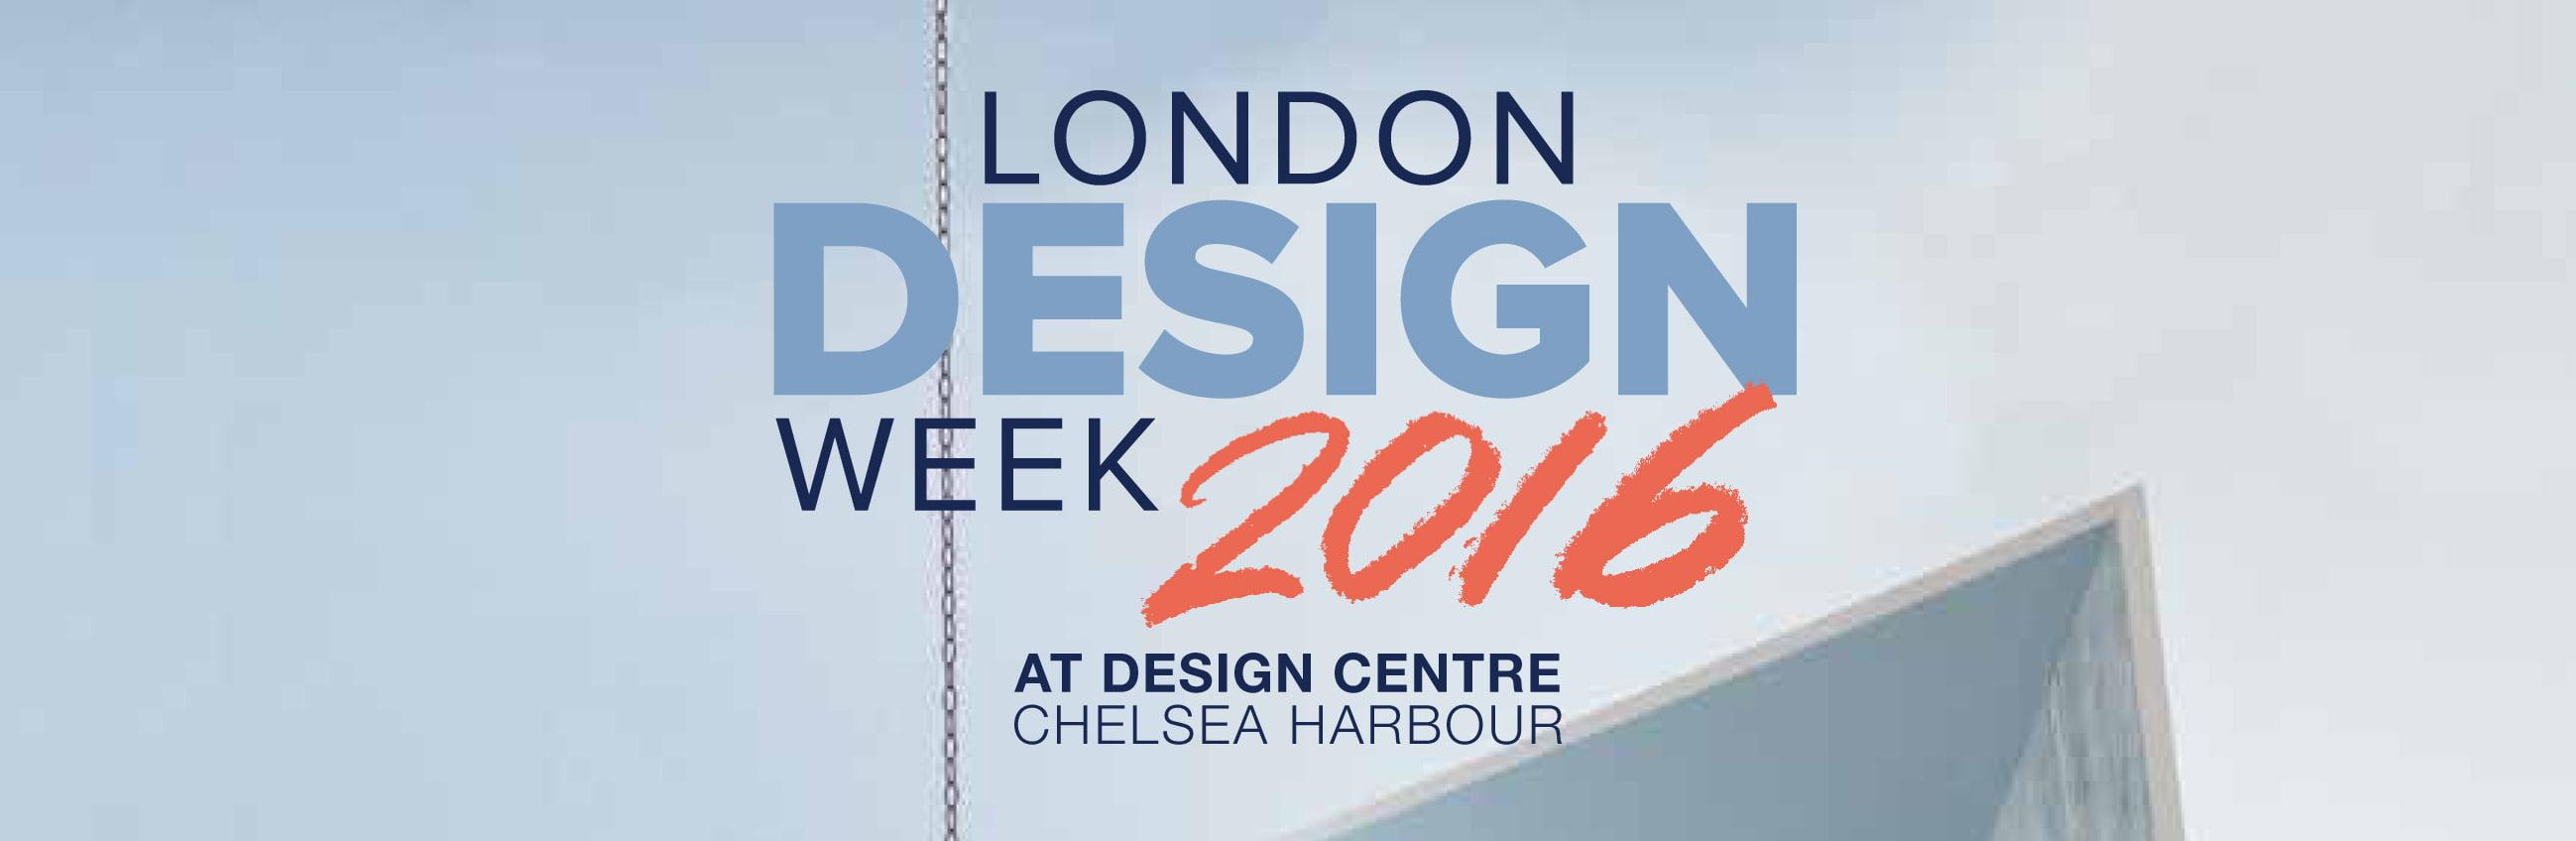 London design week 2016 space international hotel design for Hotel design 2016